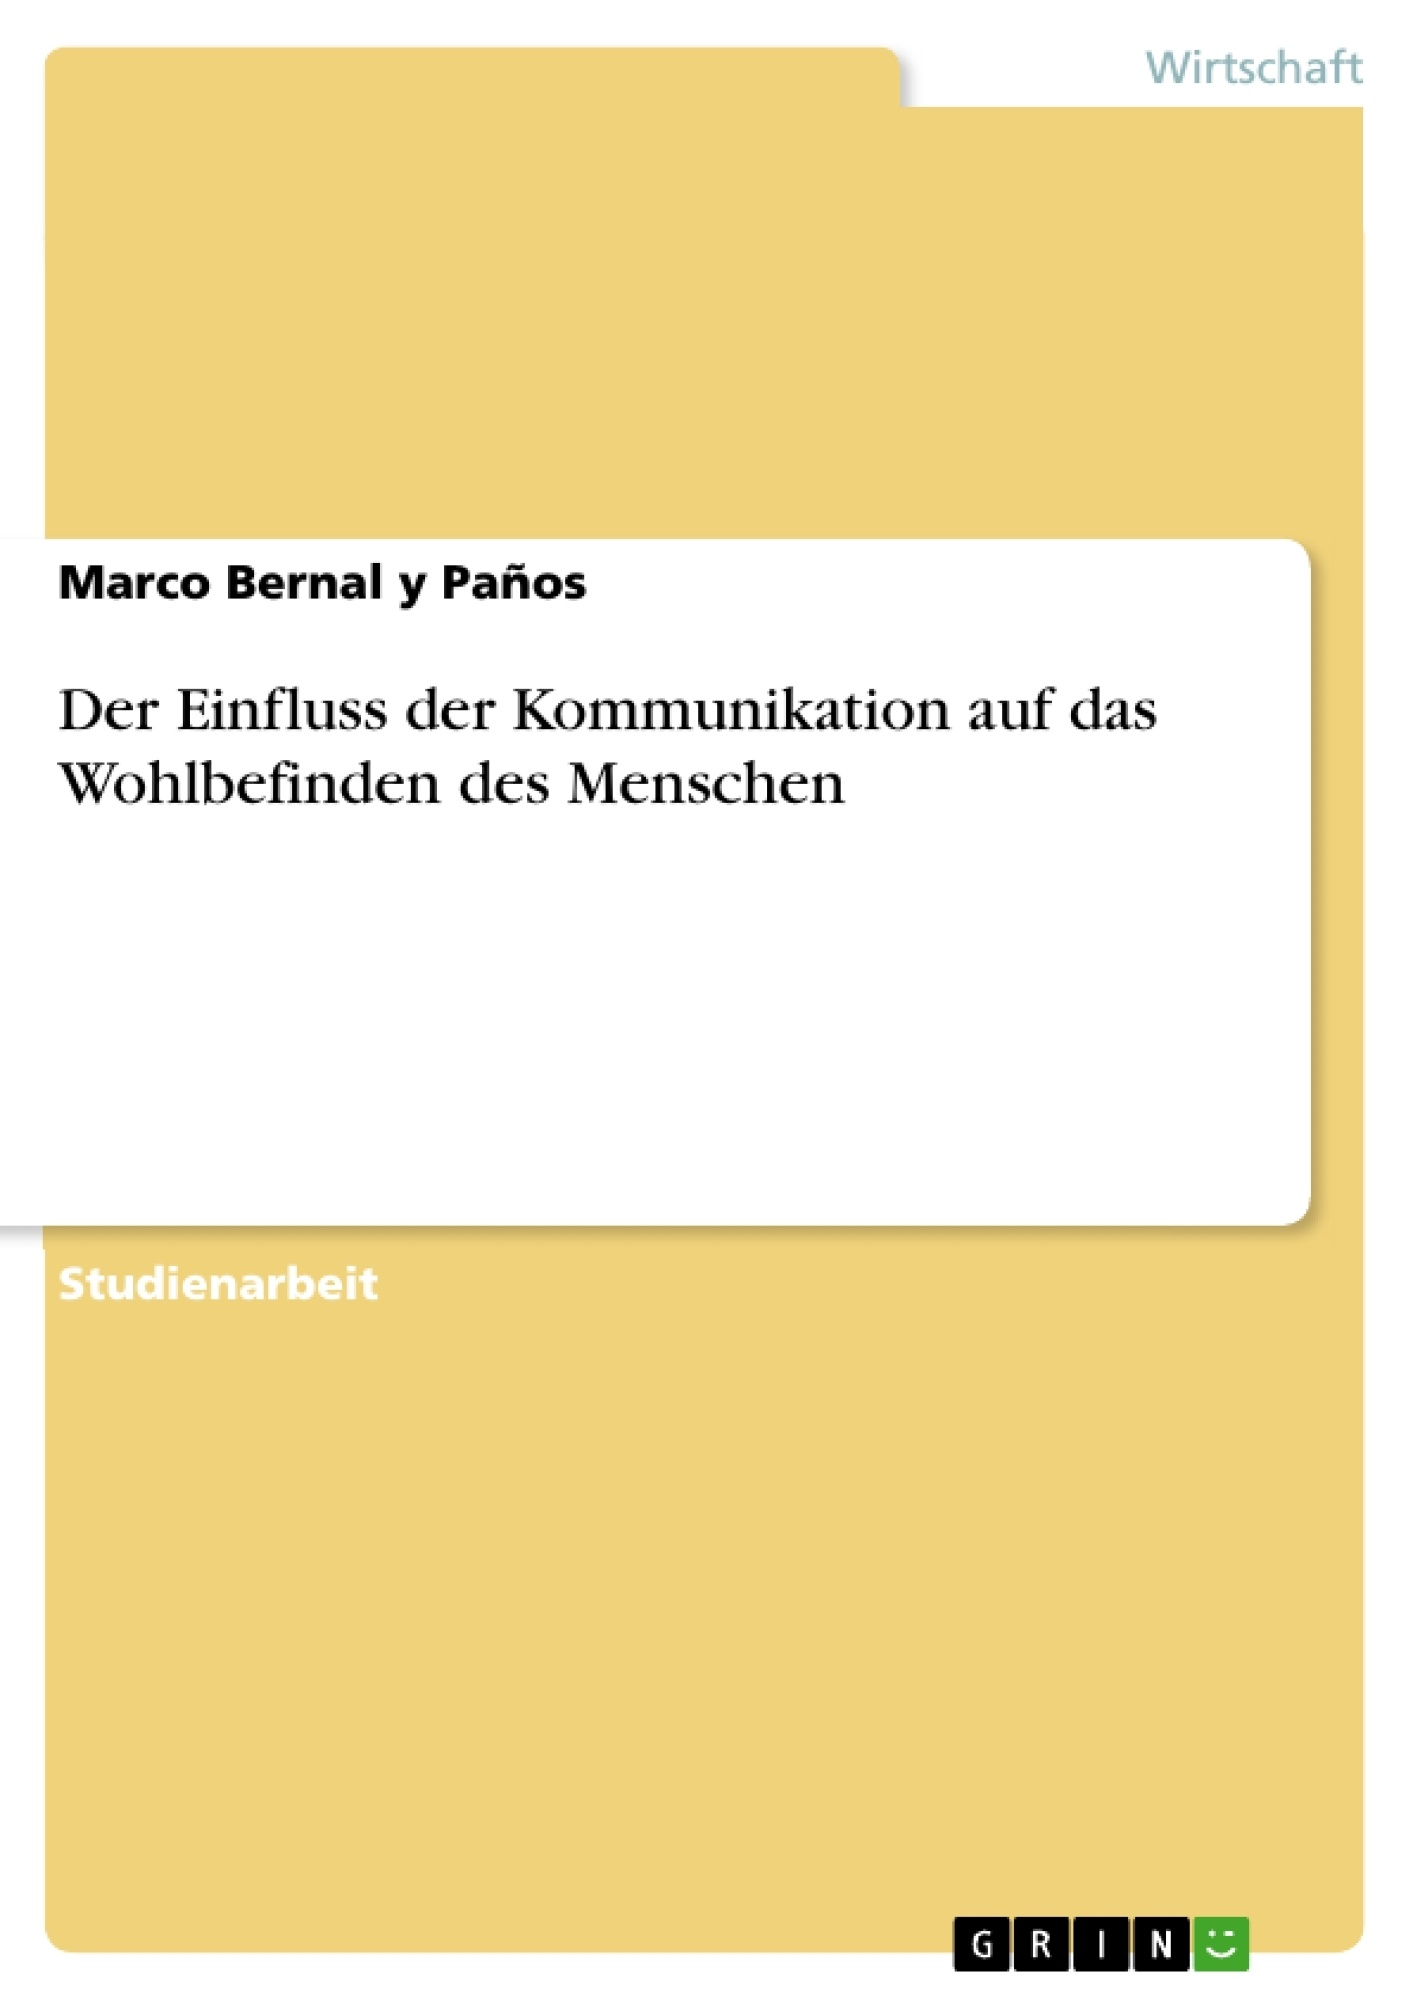 Titel: Der Einfluss der Kommunikation auf das Wohlbefinden des Menschen